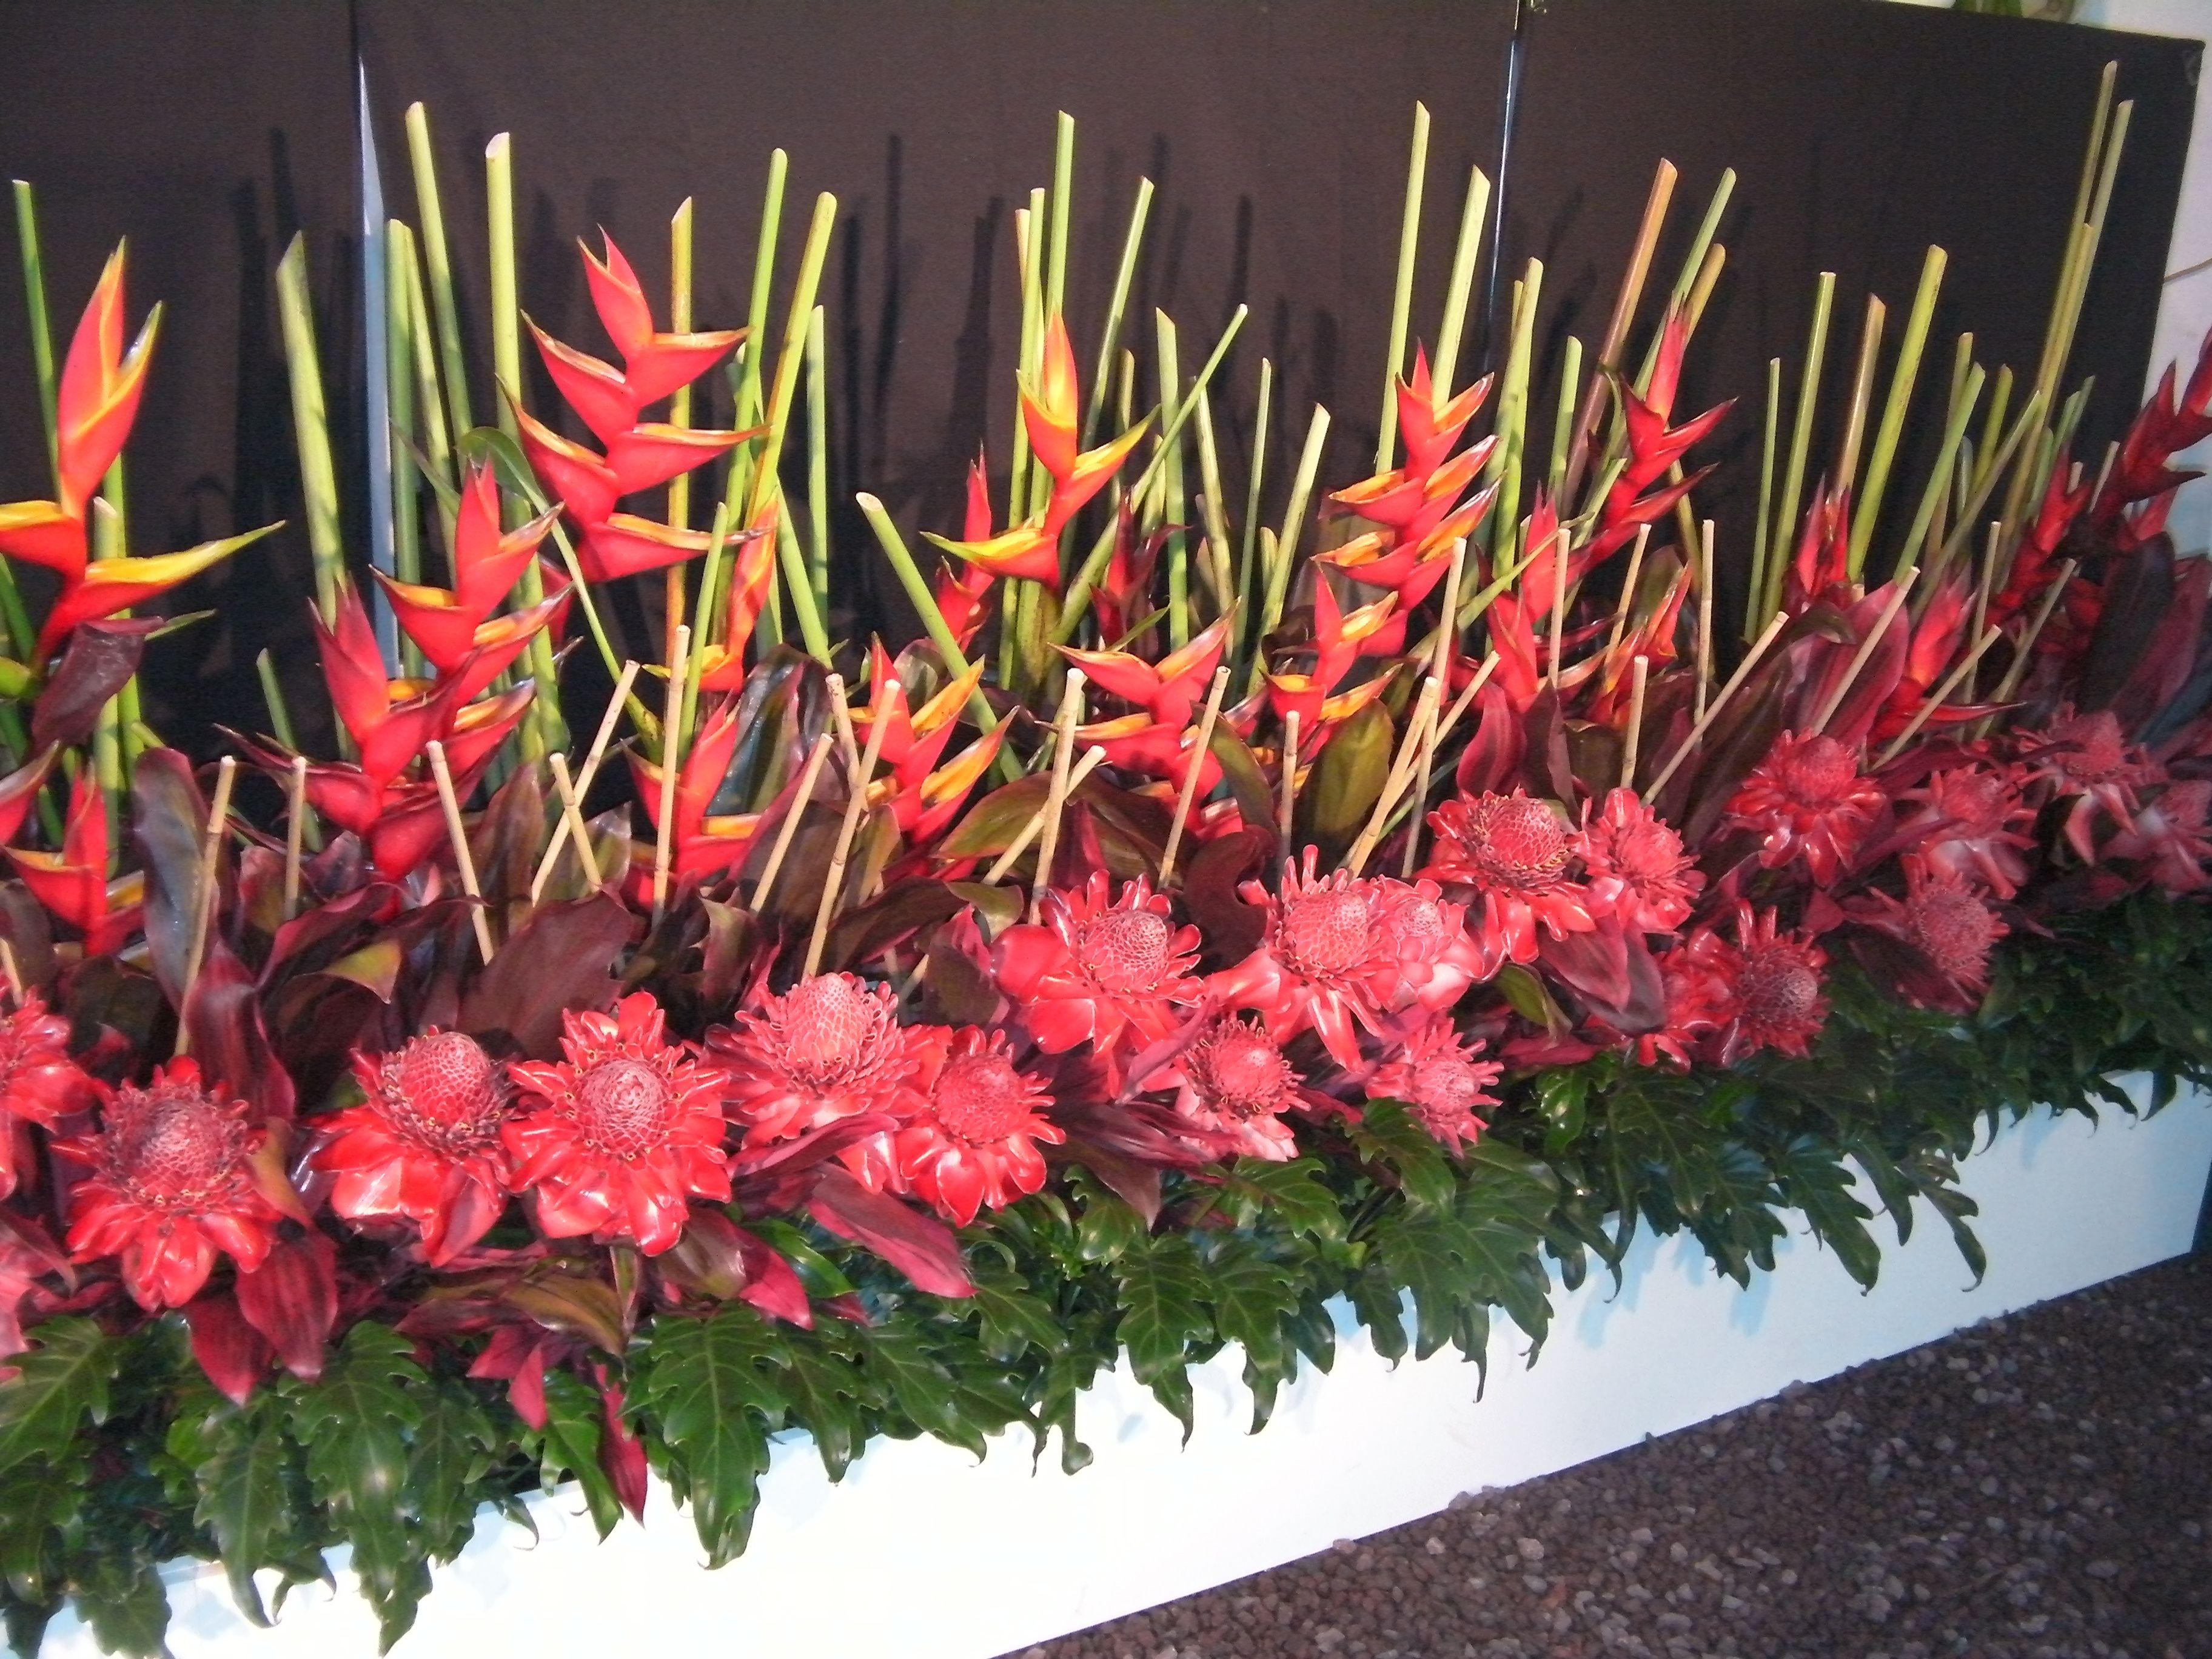 Yandina Ginger And Flower Festival Arranjos De Flores Flores Arranjos